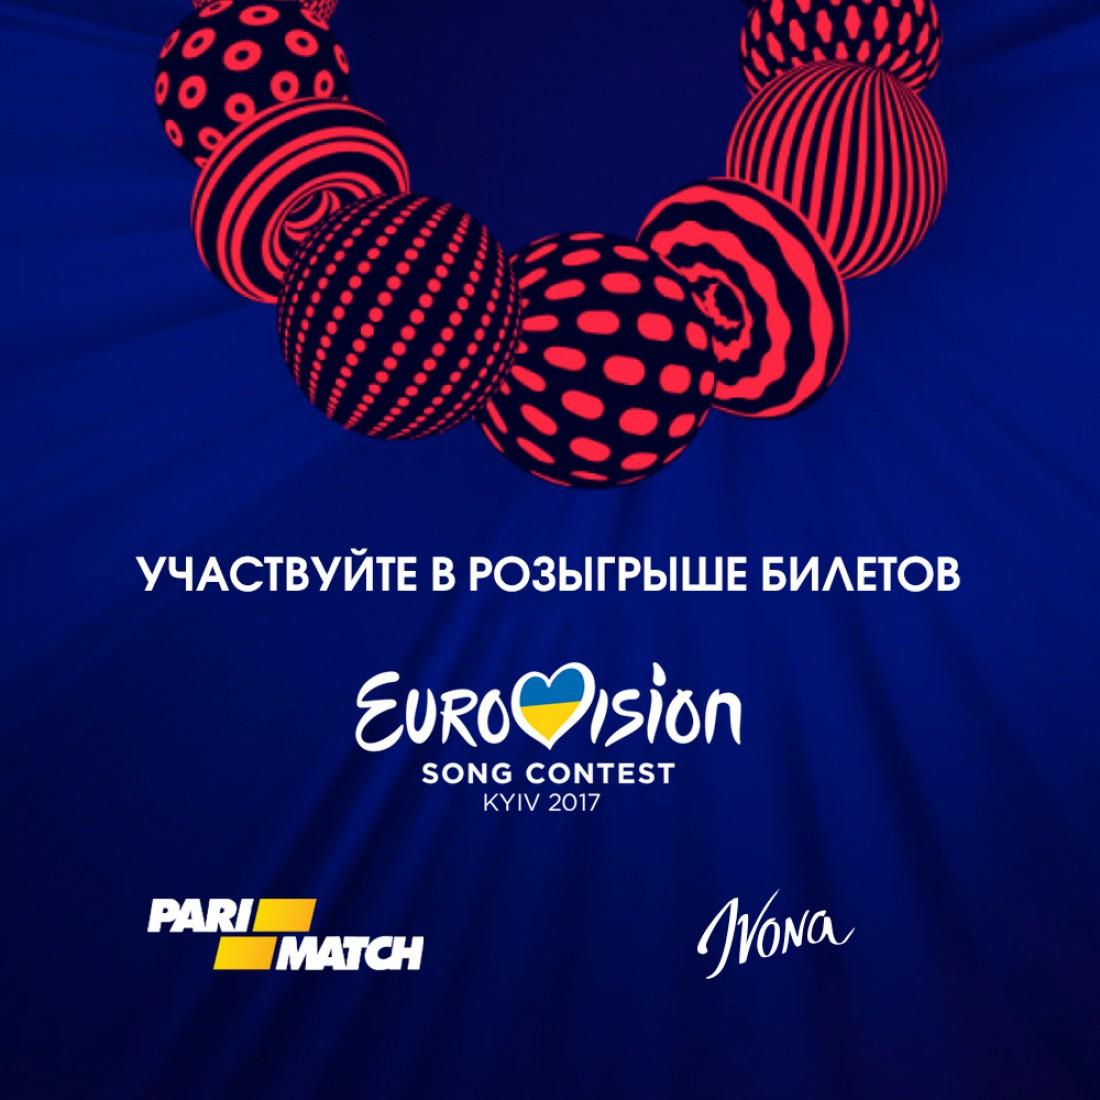 Евровидение 2017: розыгрыш билетов